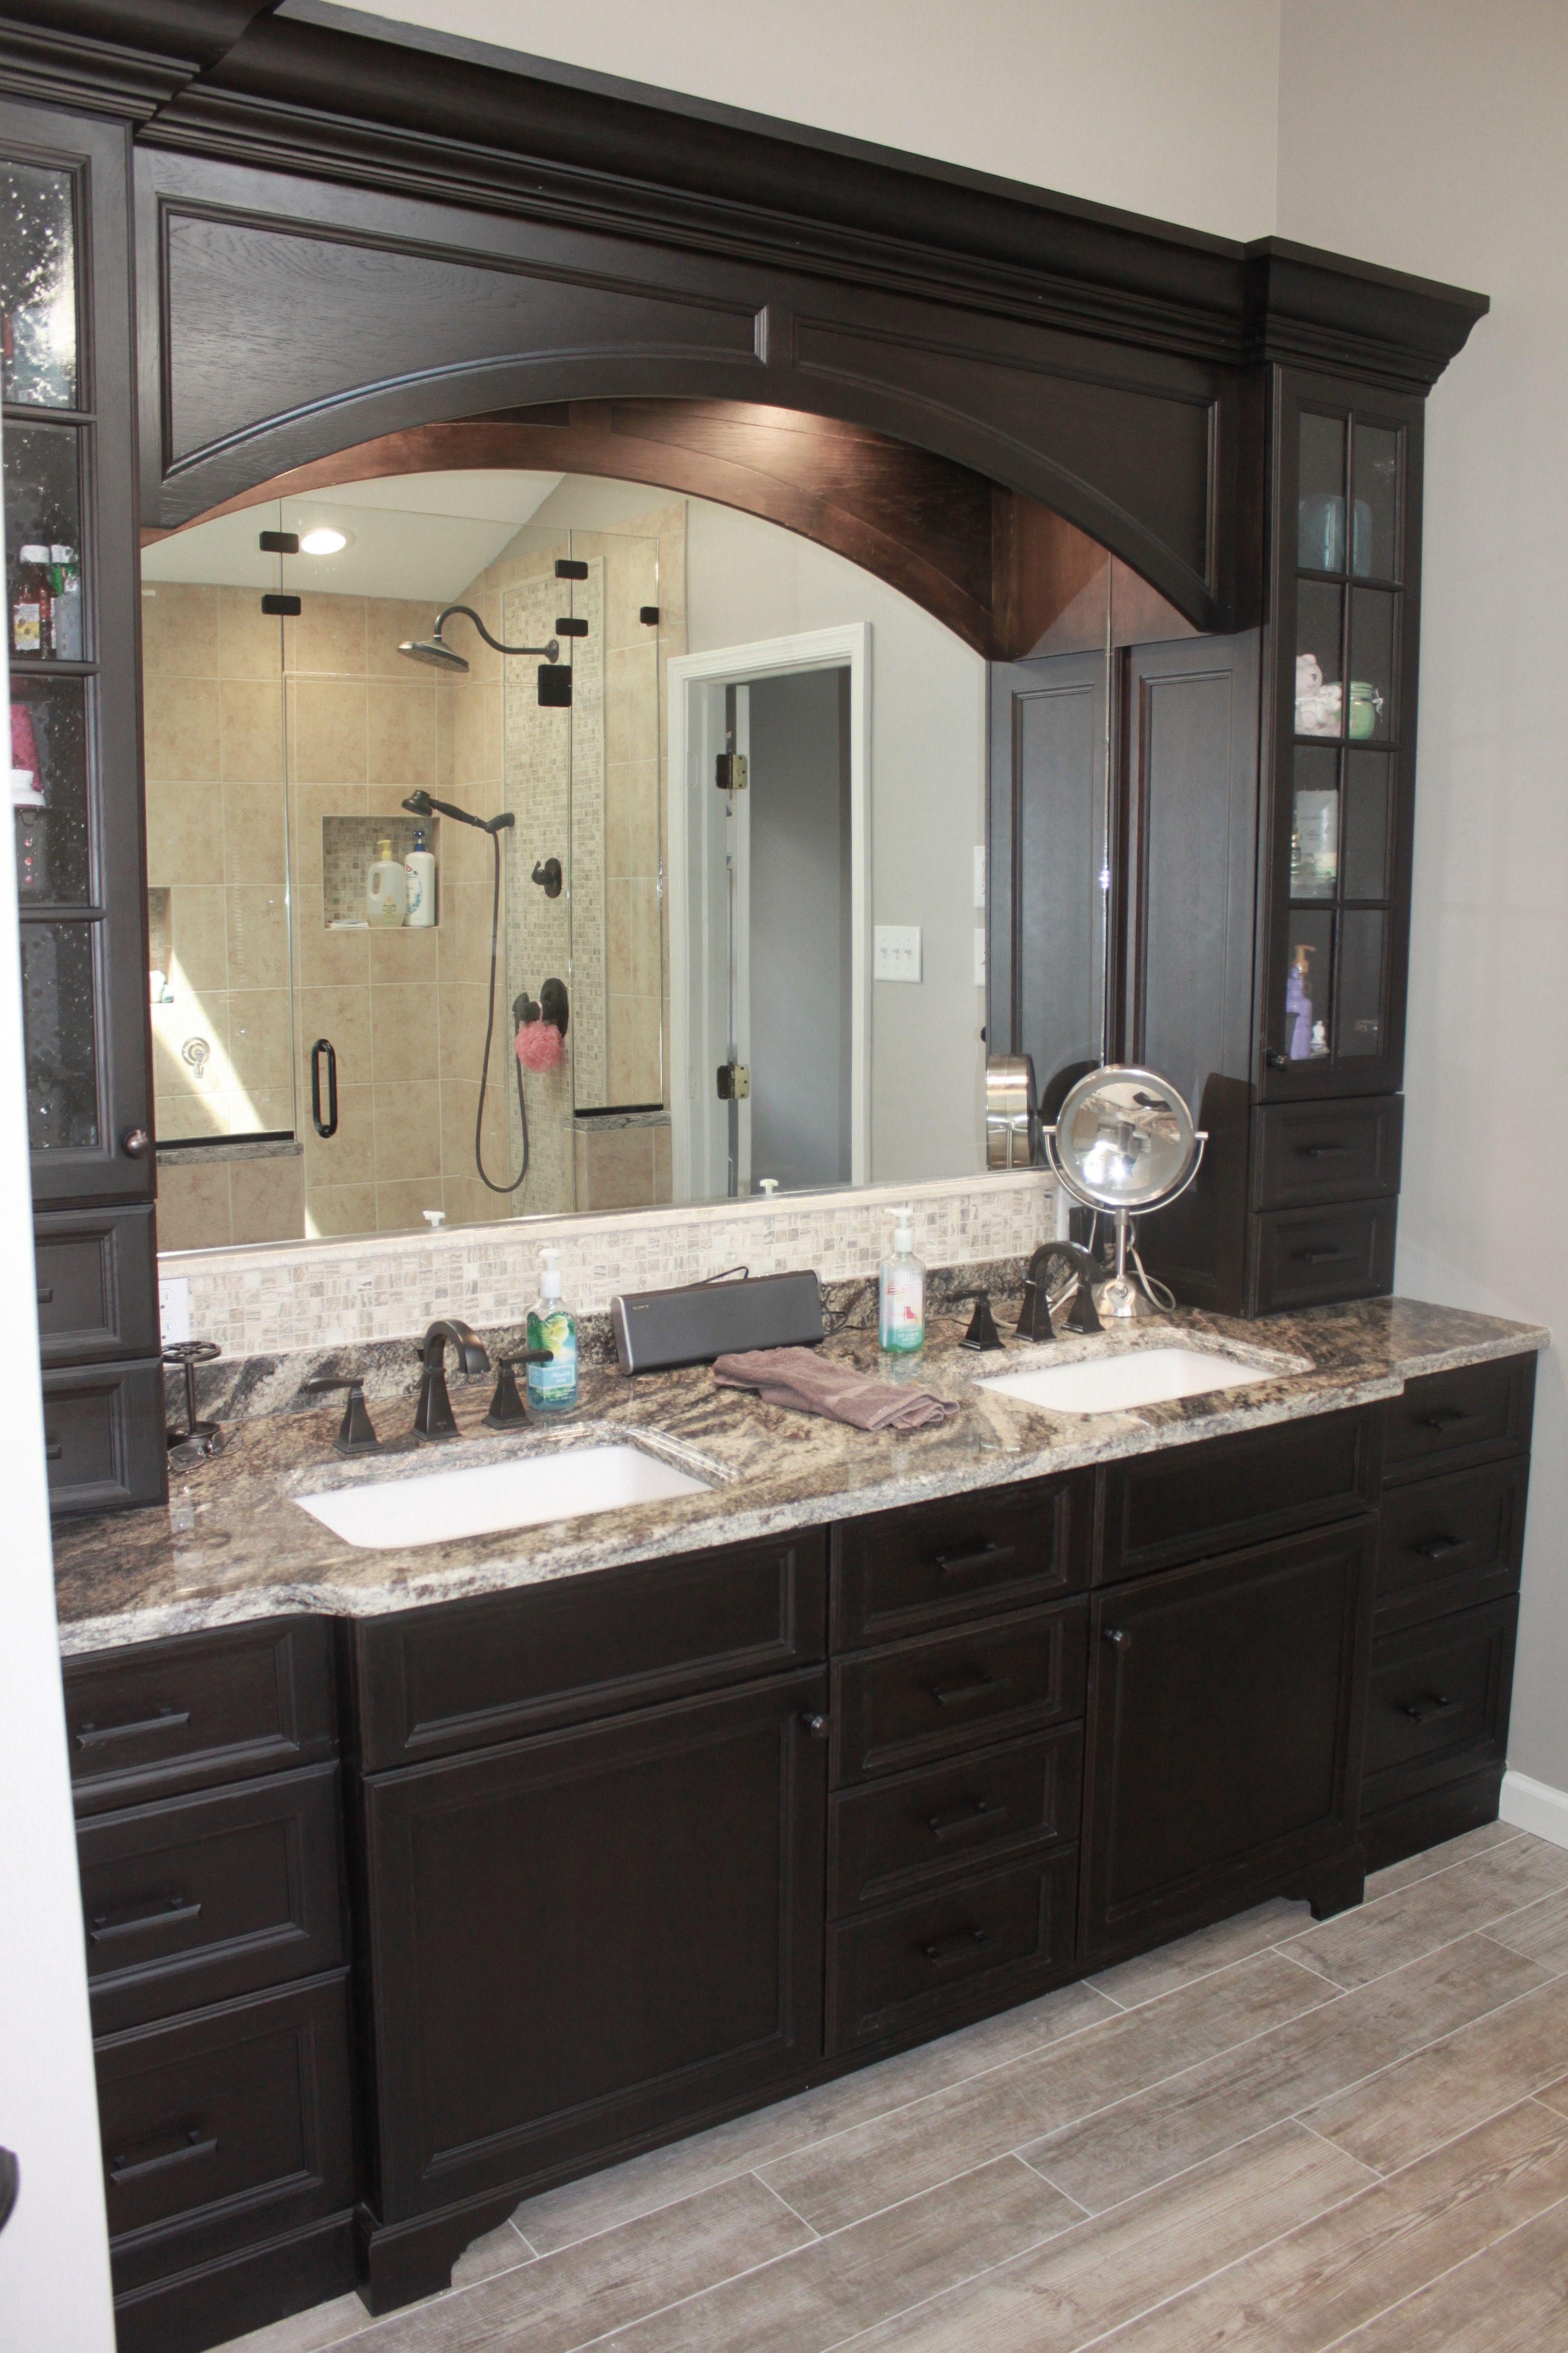 Custom Espresso Colored Double Vanity Cabinets Hockessin De Bathroom Remodel Master Vintage Bathroom Vanities Master Bathroom Vanity [ 4654 x 3102 Pixel ]